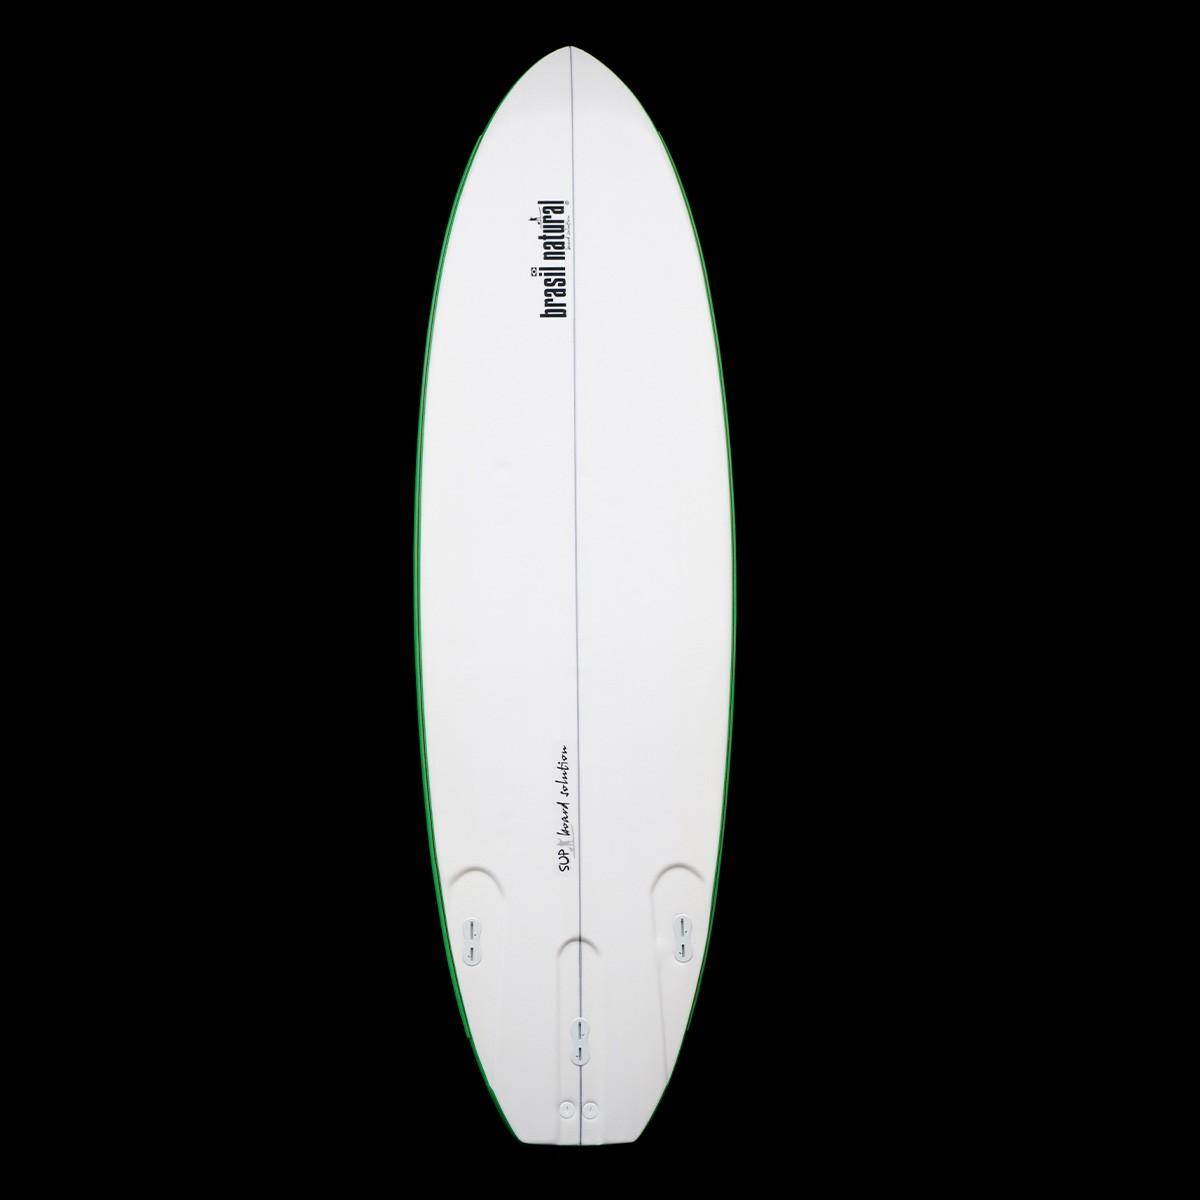 Prancha de stand up paddle 10 pés soft + kit remada - Outlet 28